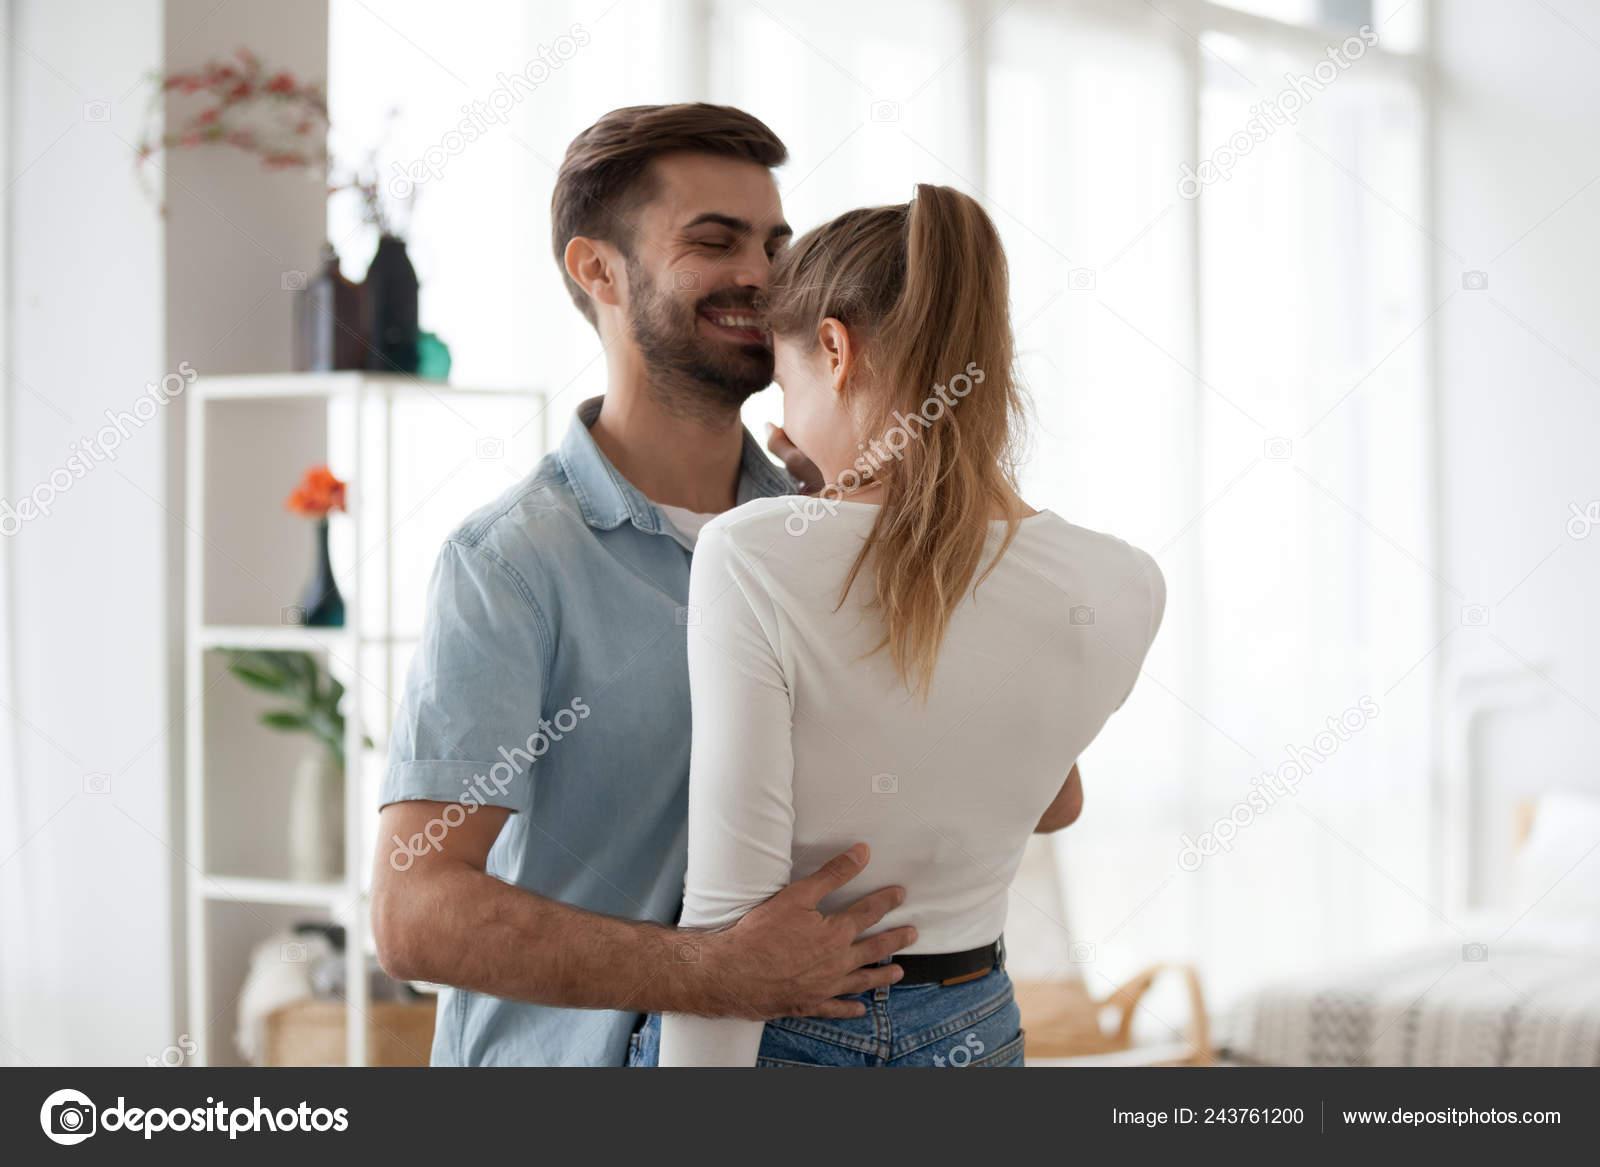 Συμβουλές για τη ραντεβού με μια γυναίκα που έχει κακοποιηθεί σωματικά